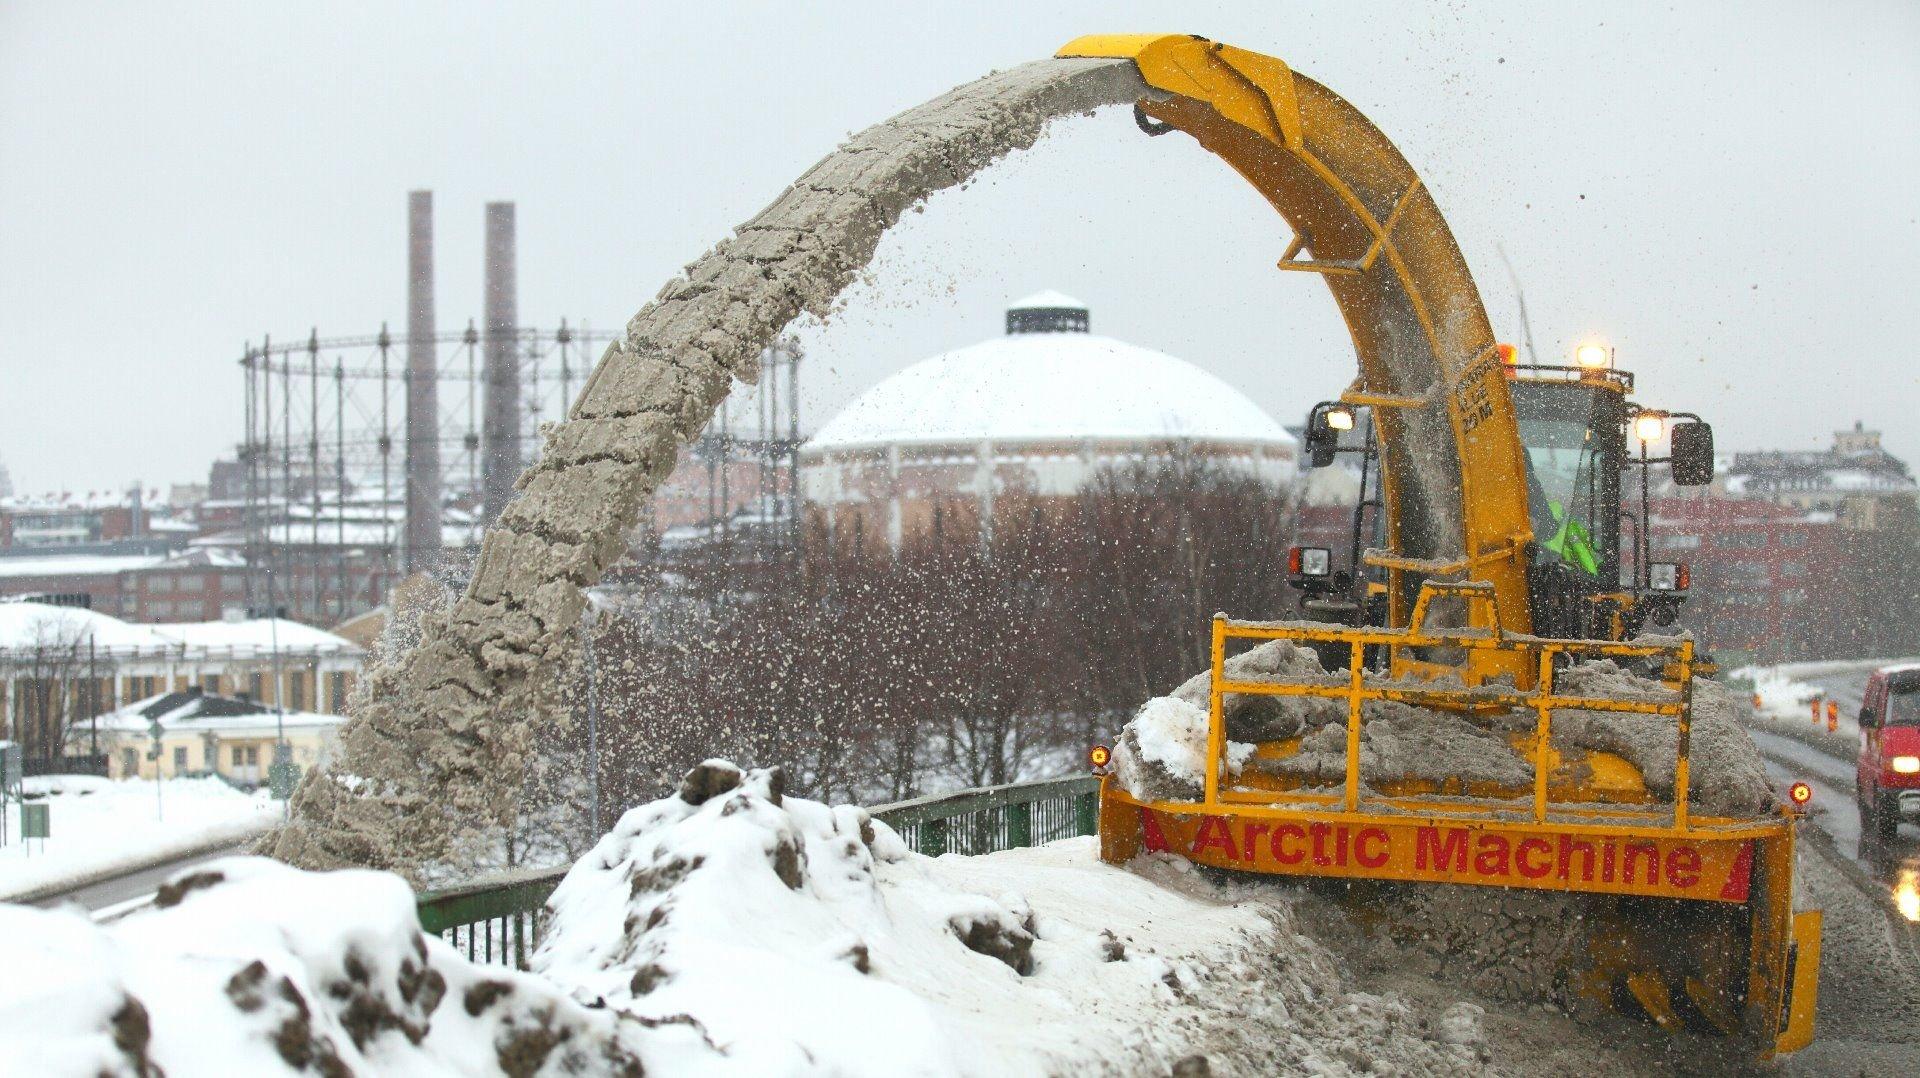 arctic machine